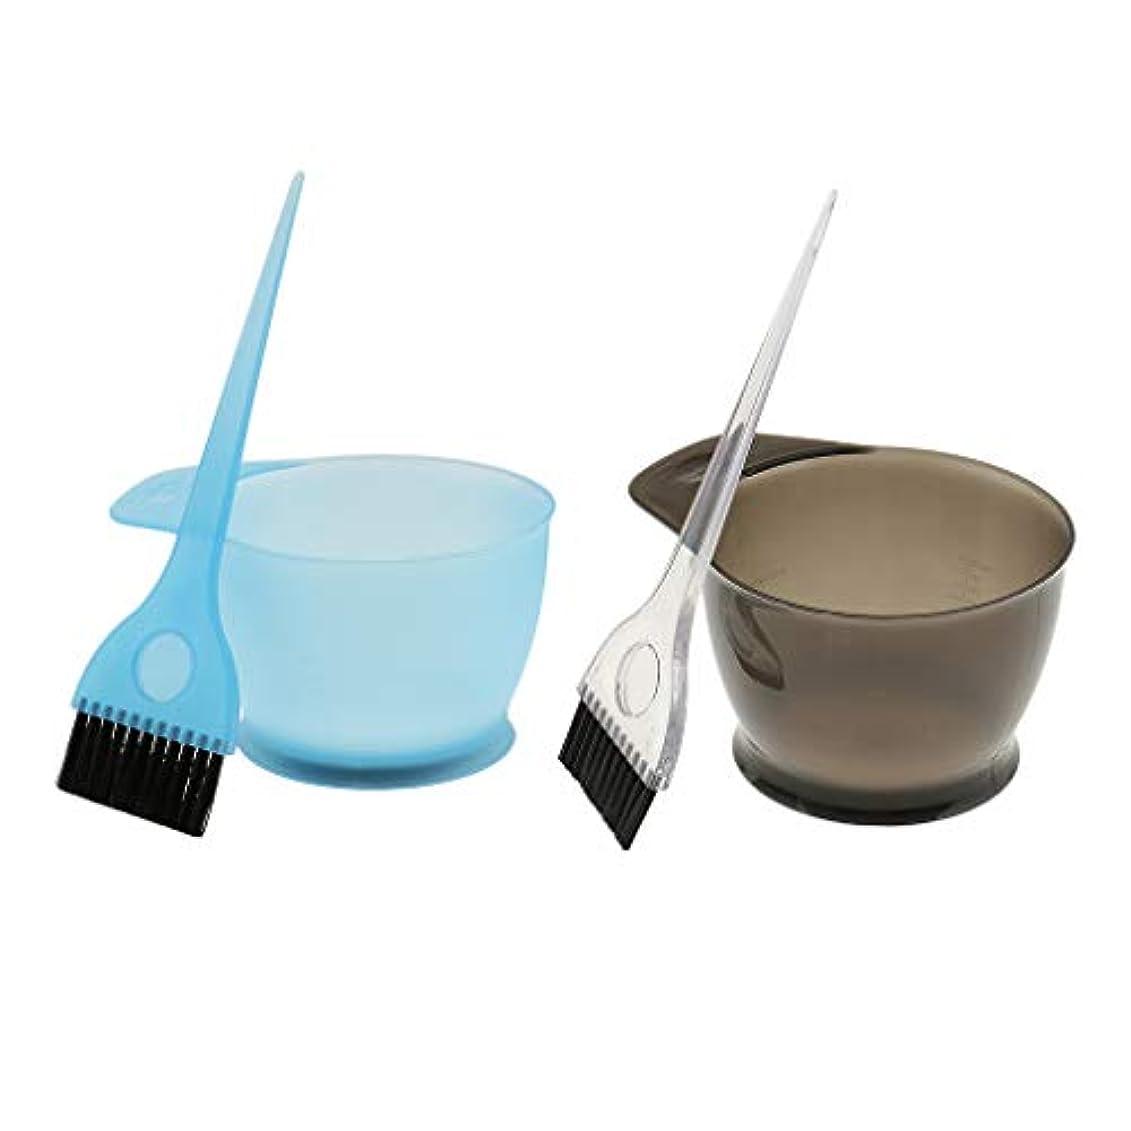 レザー声を出して成長するPerfeclan ヘアカラー ブラシ セット ヘアダイブラシ ヘアダイカップ 髪染めブラシ 美容室 理髪店 適用 4個セット